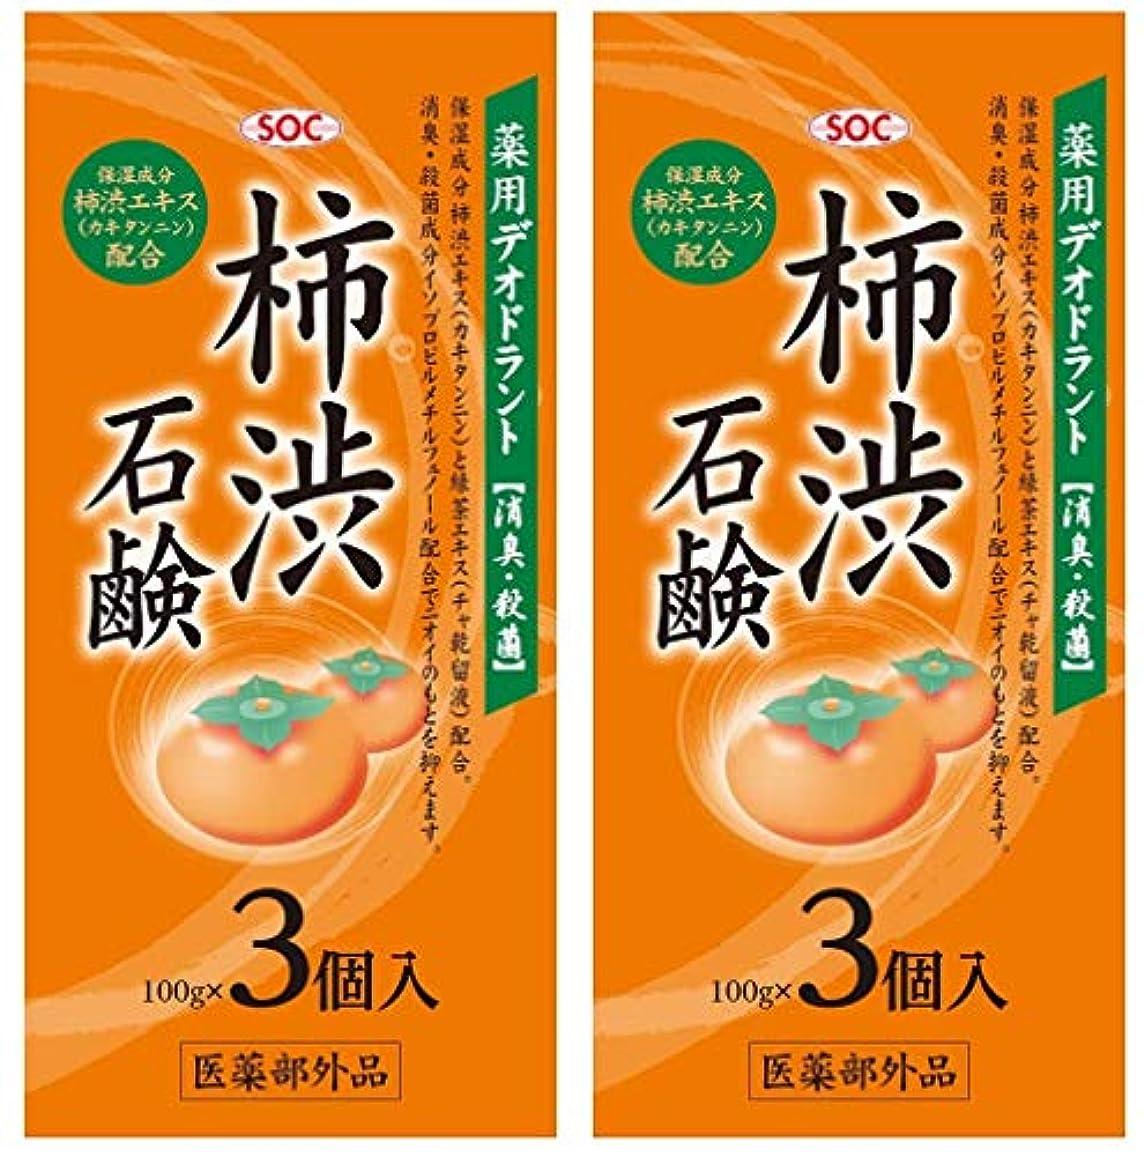 検出器オレンジ警戒SOC 薬用柿渋石鹸 3P (100g×3) 2セット